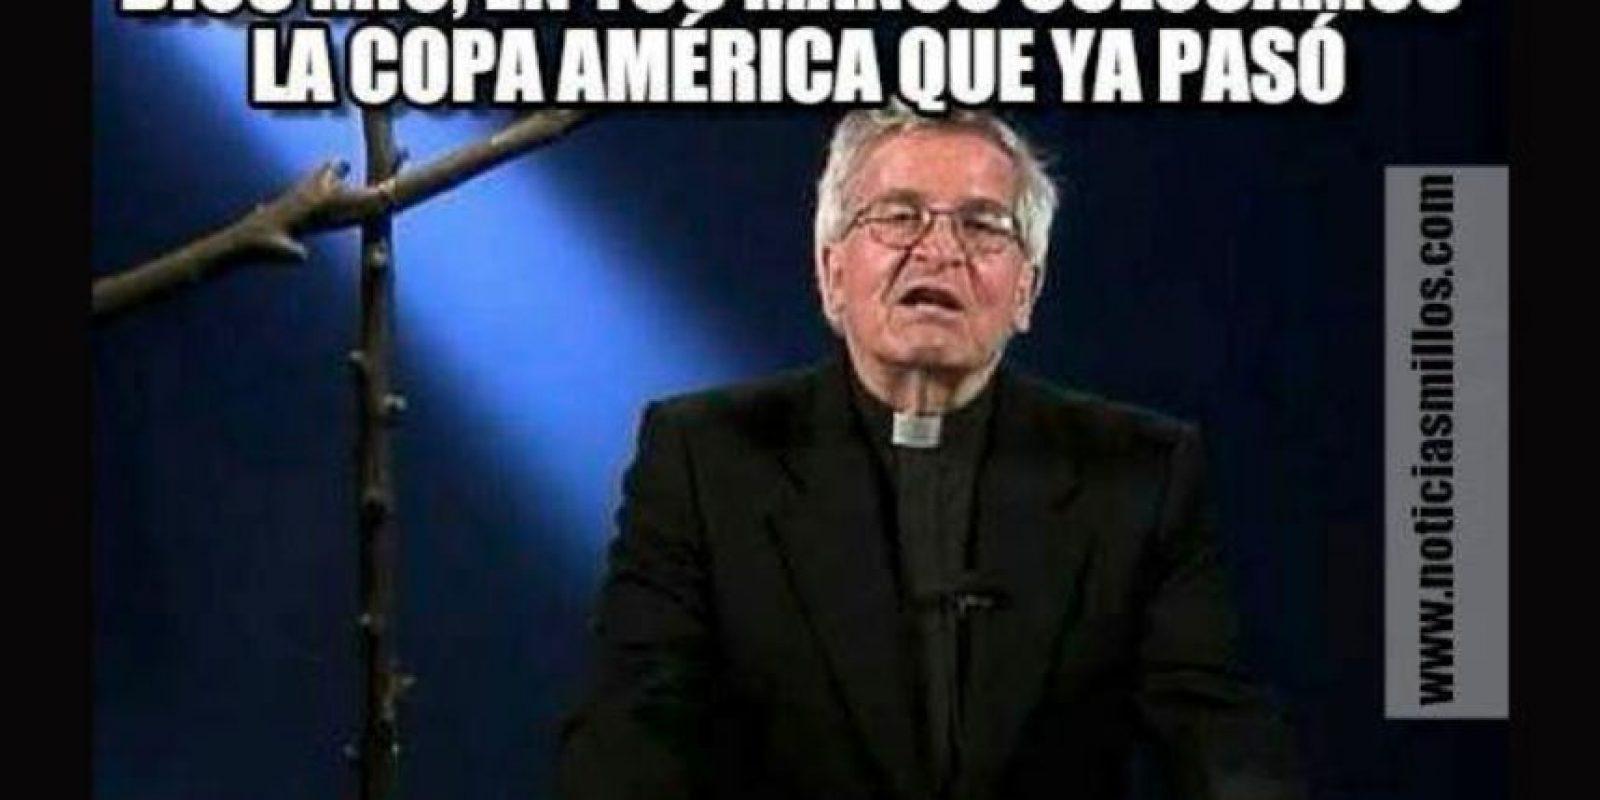 Foto:Tomado del Facebook NoticiasMillos